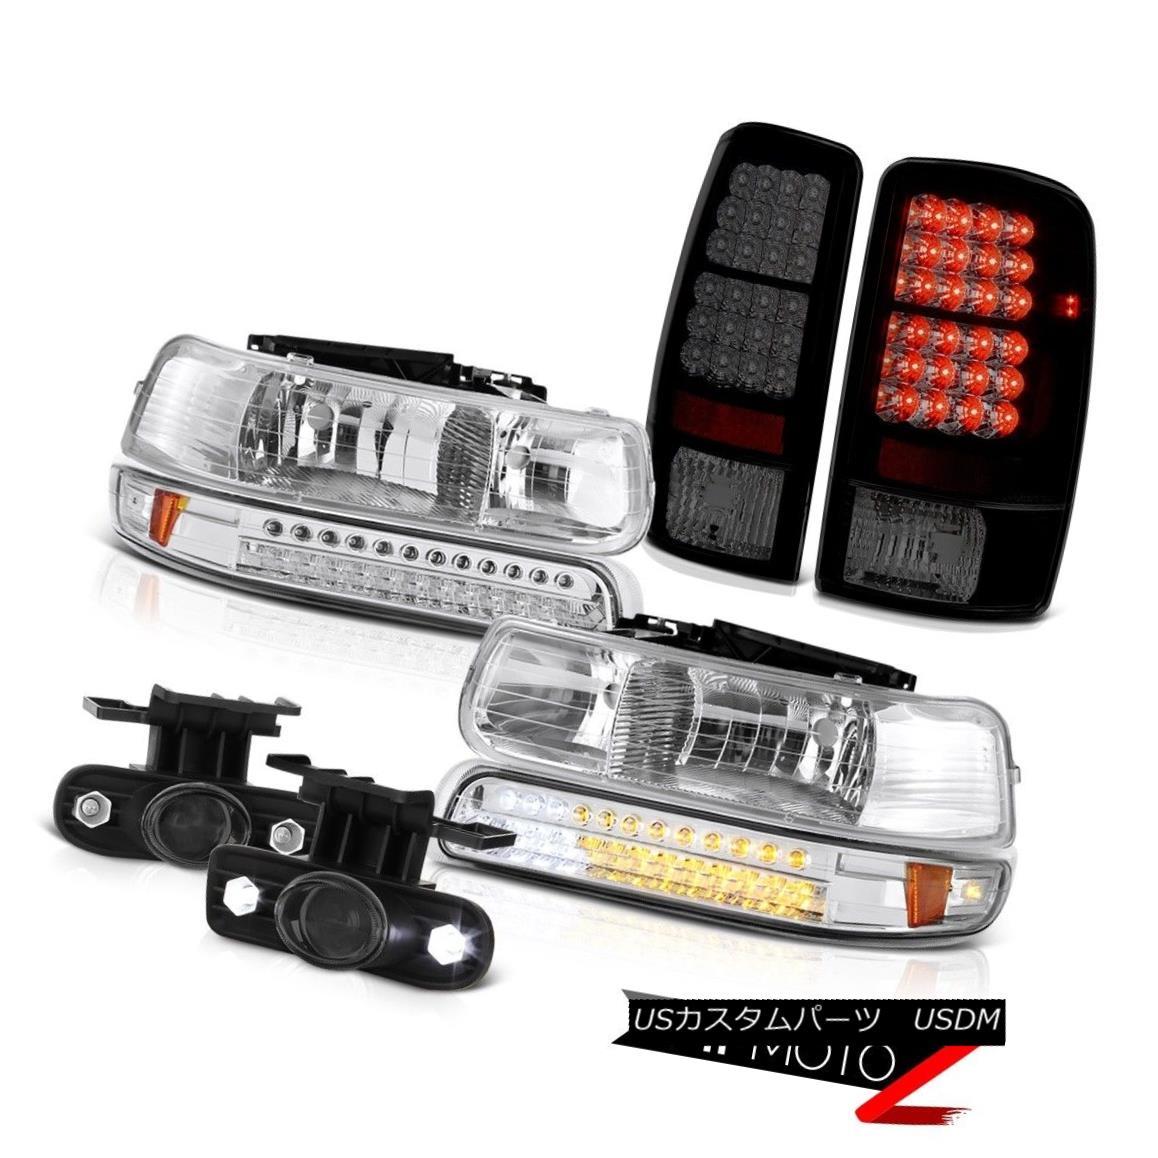 テールライト Euro LED Chrome Headlight L.E.D 00-06 Tahoe 5.3L Tail Lights Projector Smoke Fog ユーロLEDクロームヘッドライトL.E.D 00-06タホー5.3Lテールライトプロジェクタースモークフォグ